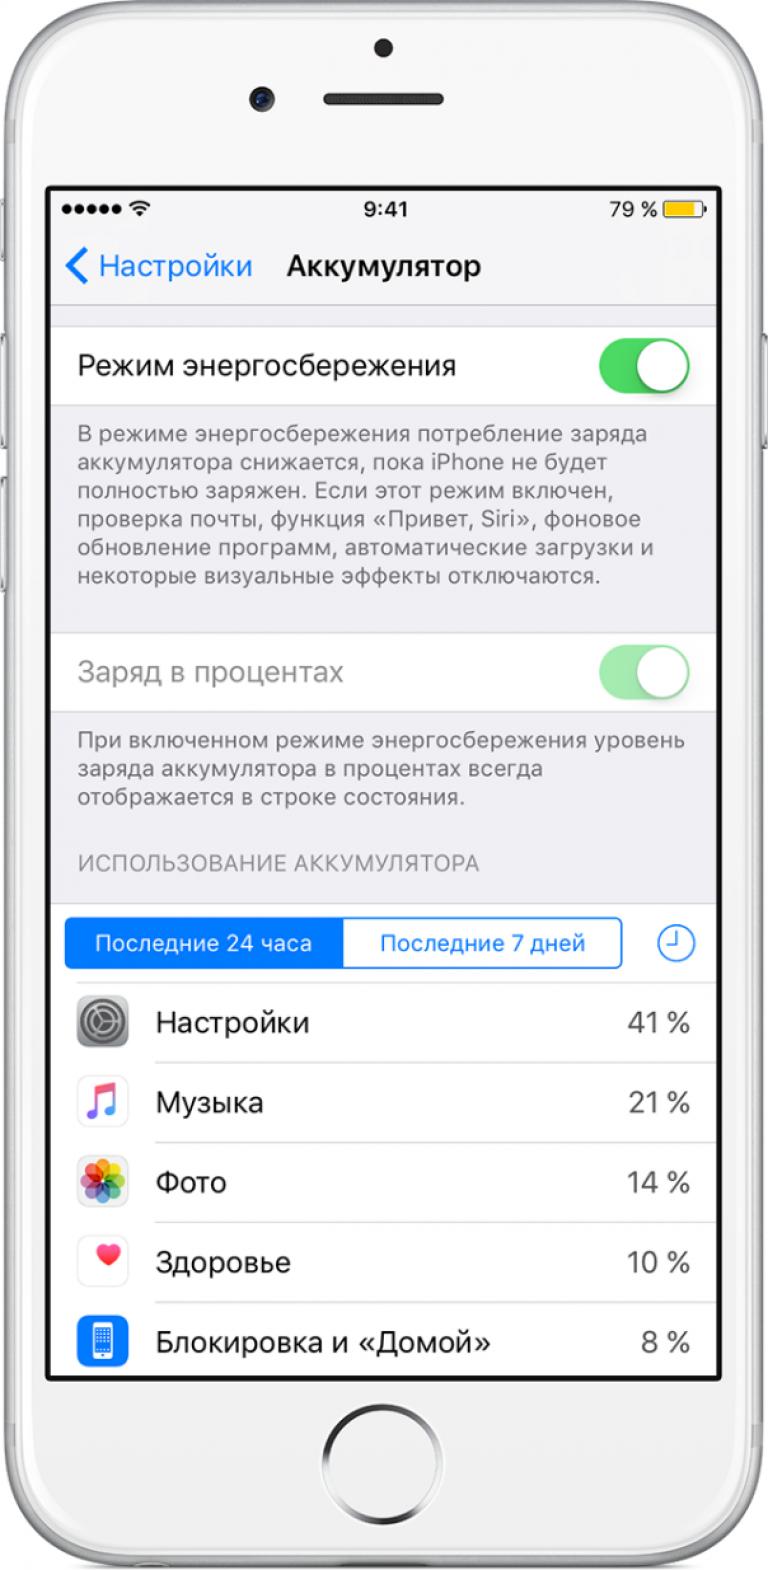 Как сделать кружок на экране iphone